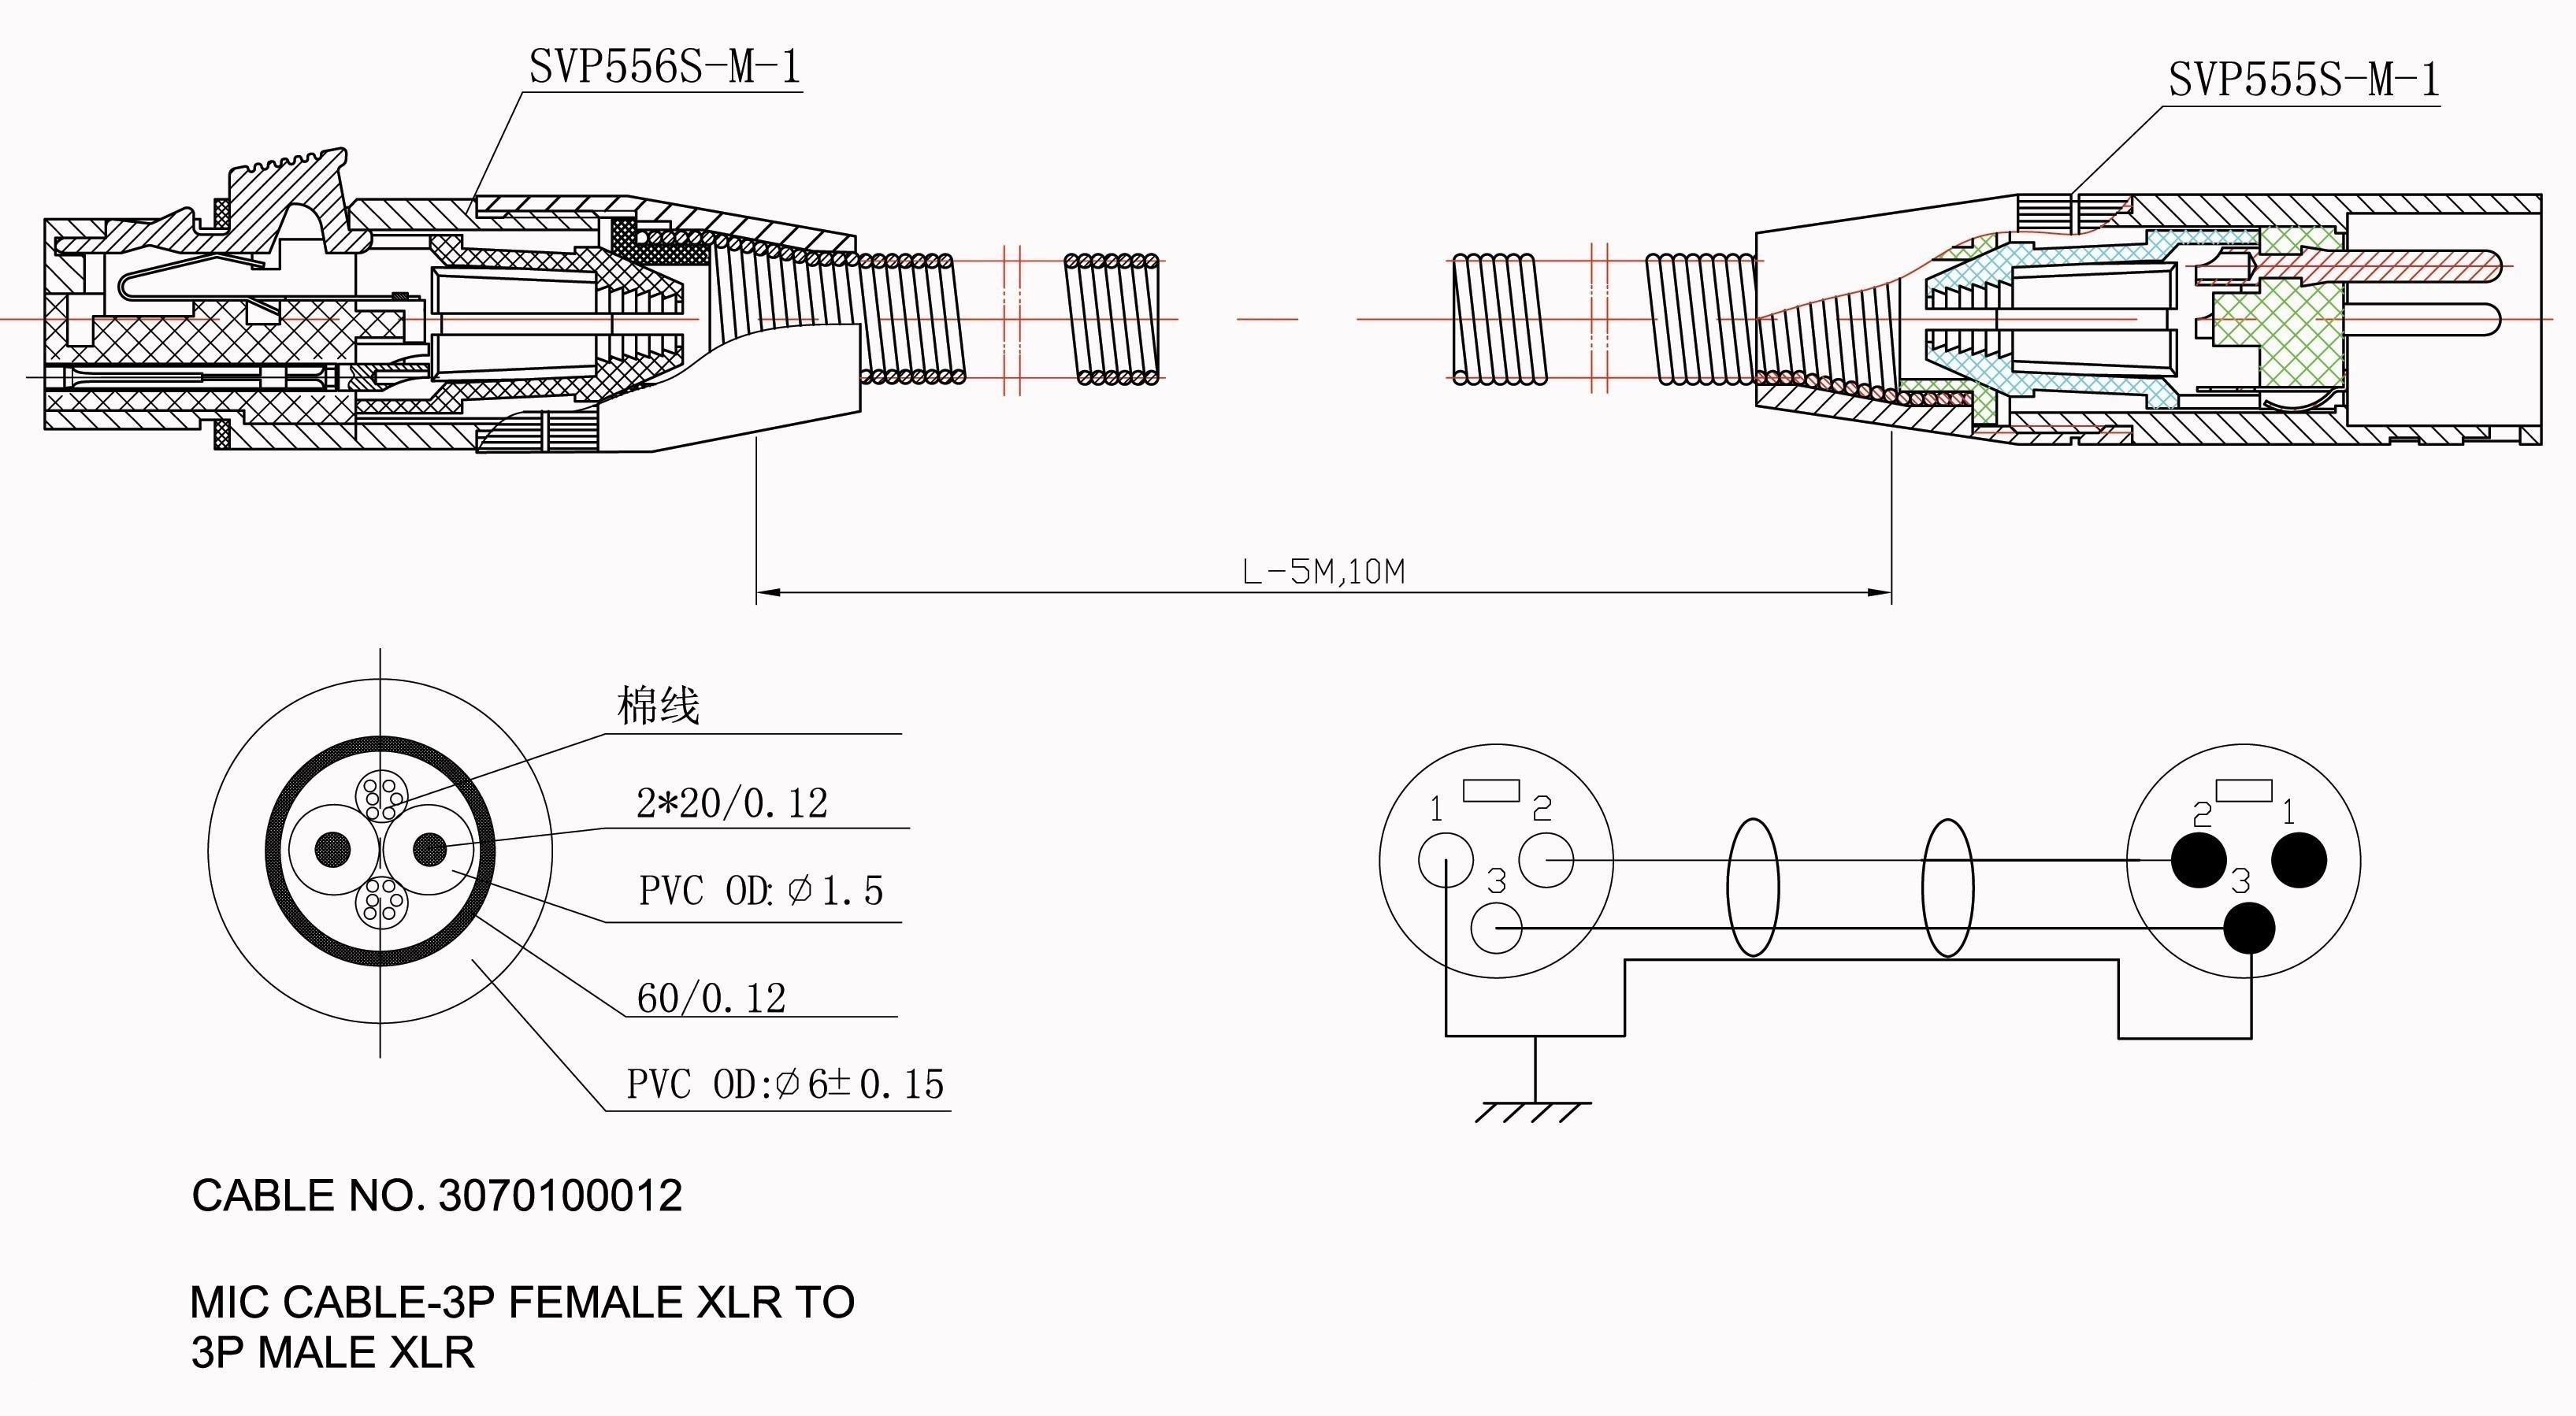 1999 ford f 250 wiring diagram electrical diagram schematics 2001 ford f 250 glow plug